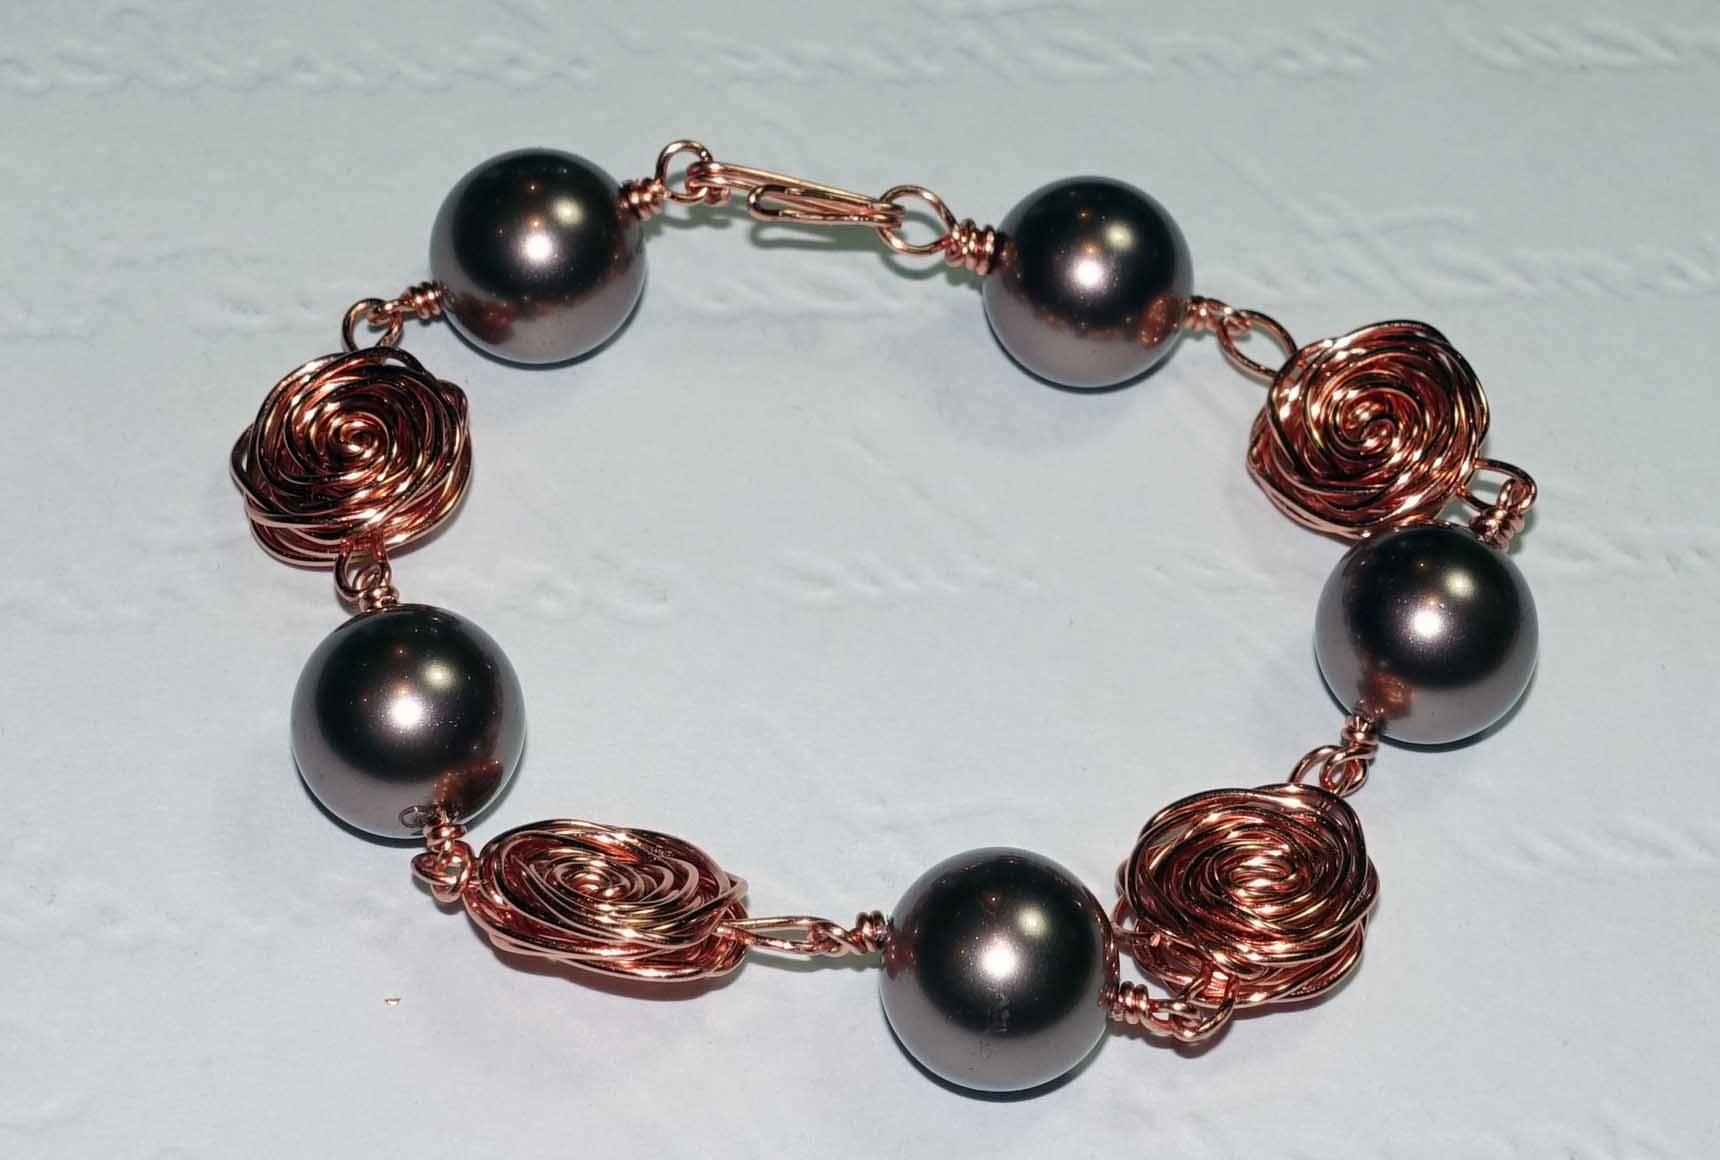 Sophia Wire-work Bracelet